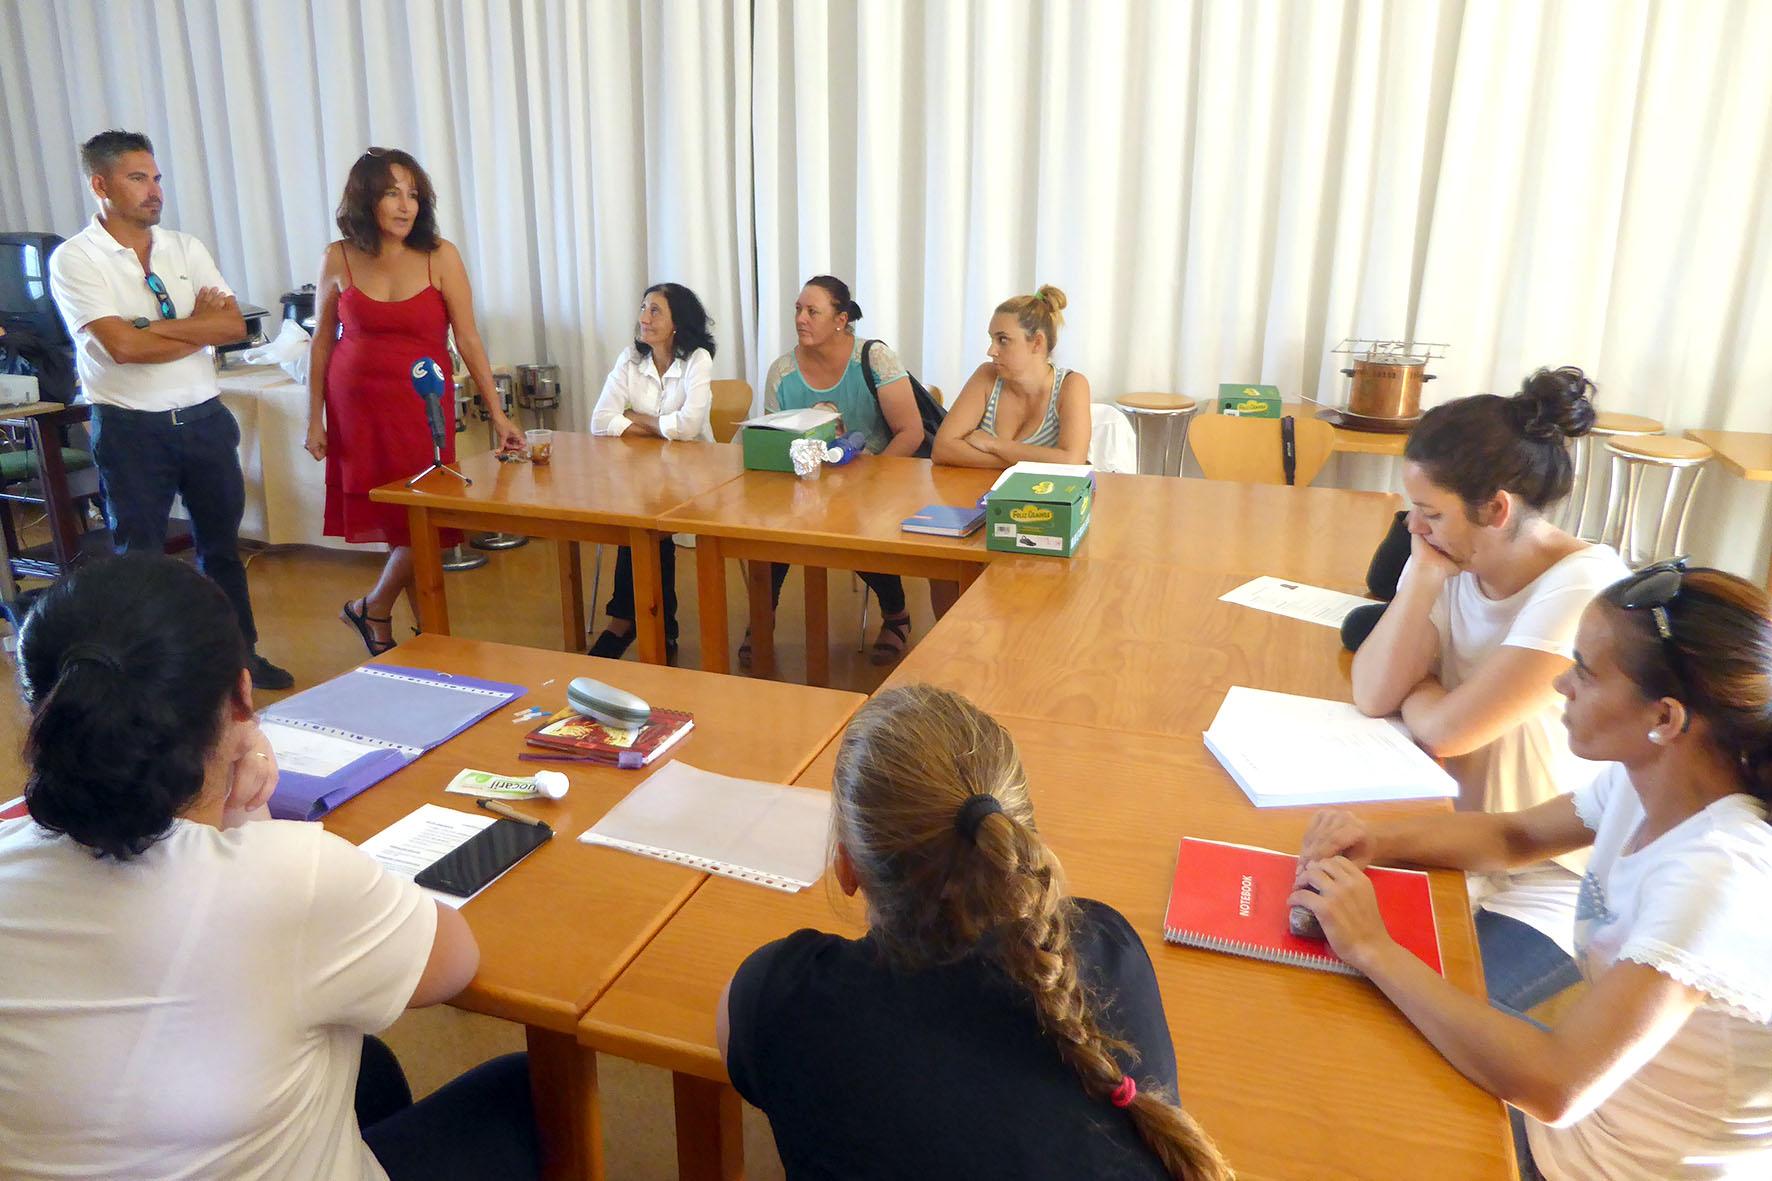 Diez mujeres participan en el curso de pinche de cocina - Pinche de cocina ...